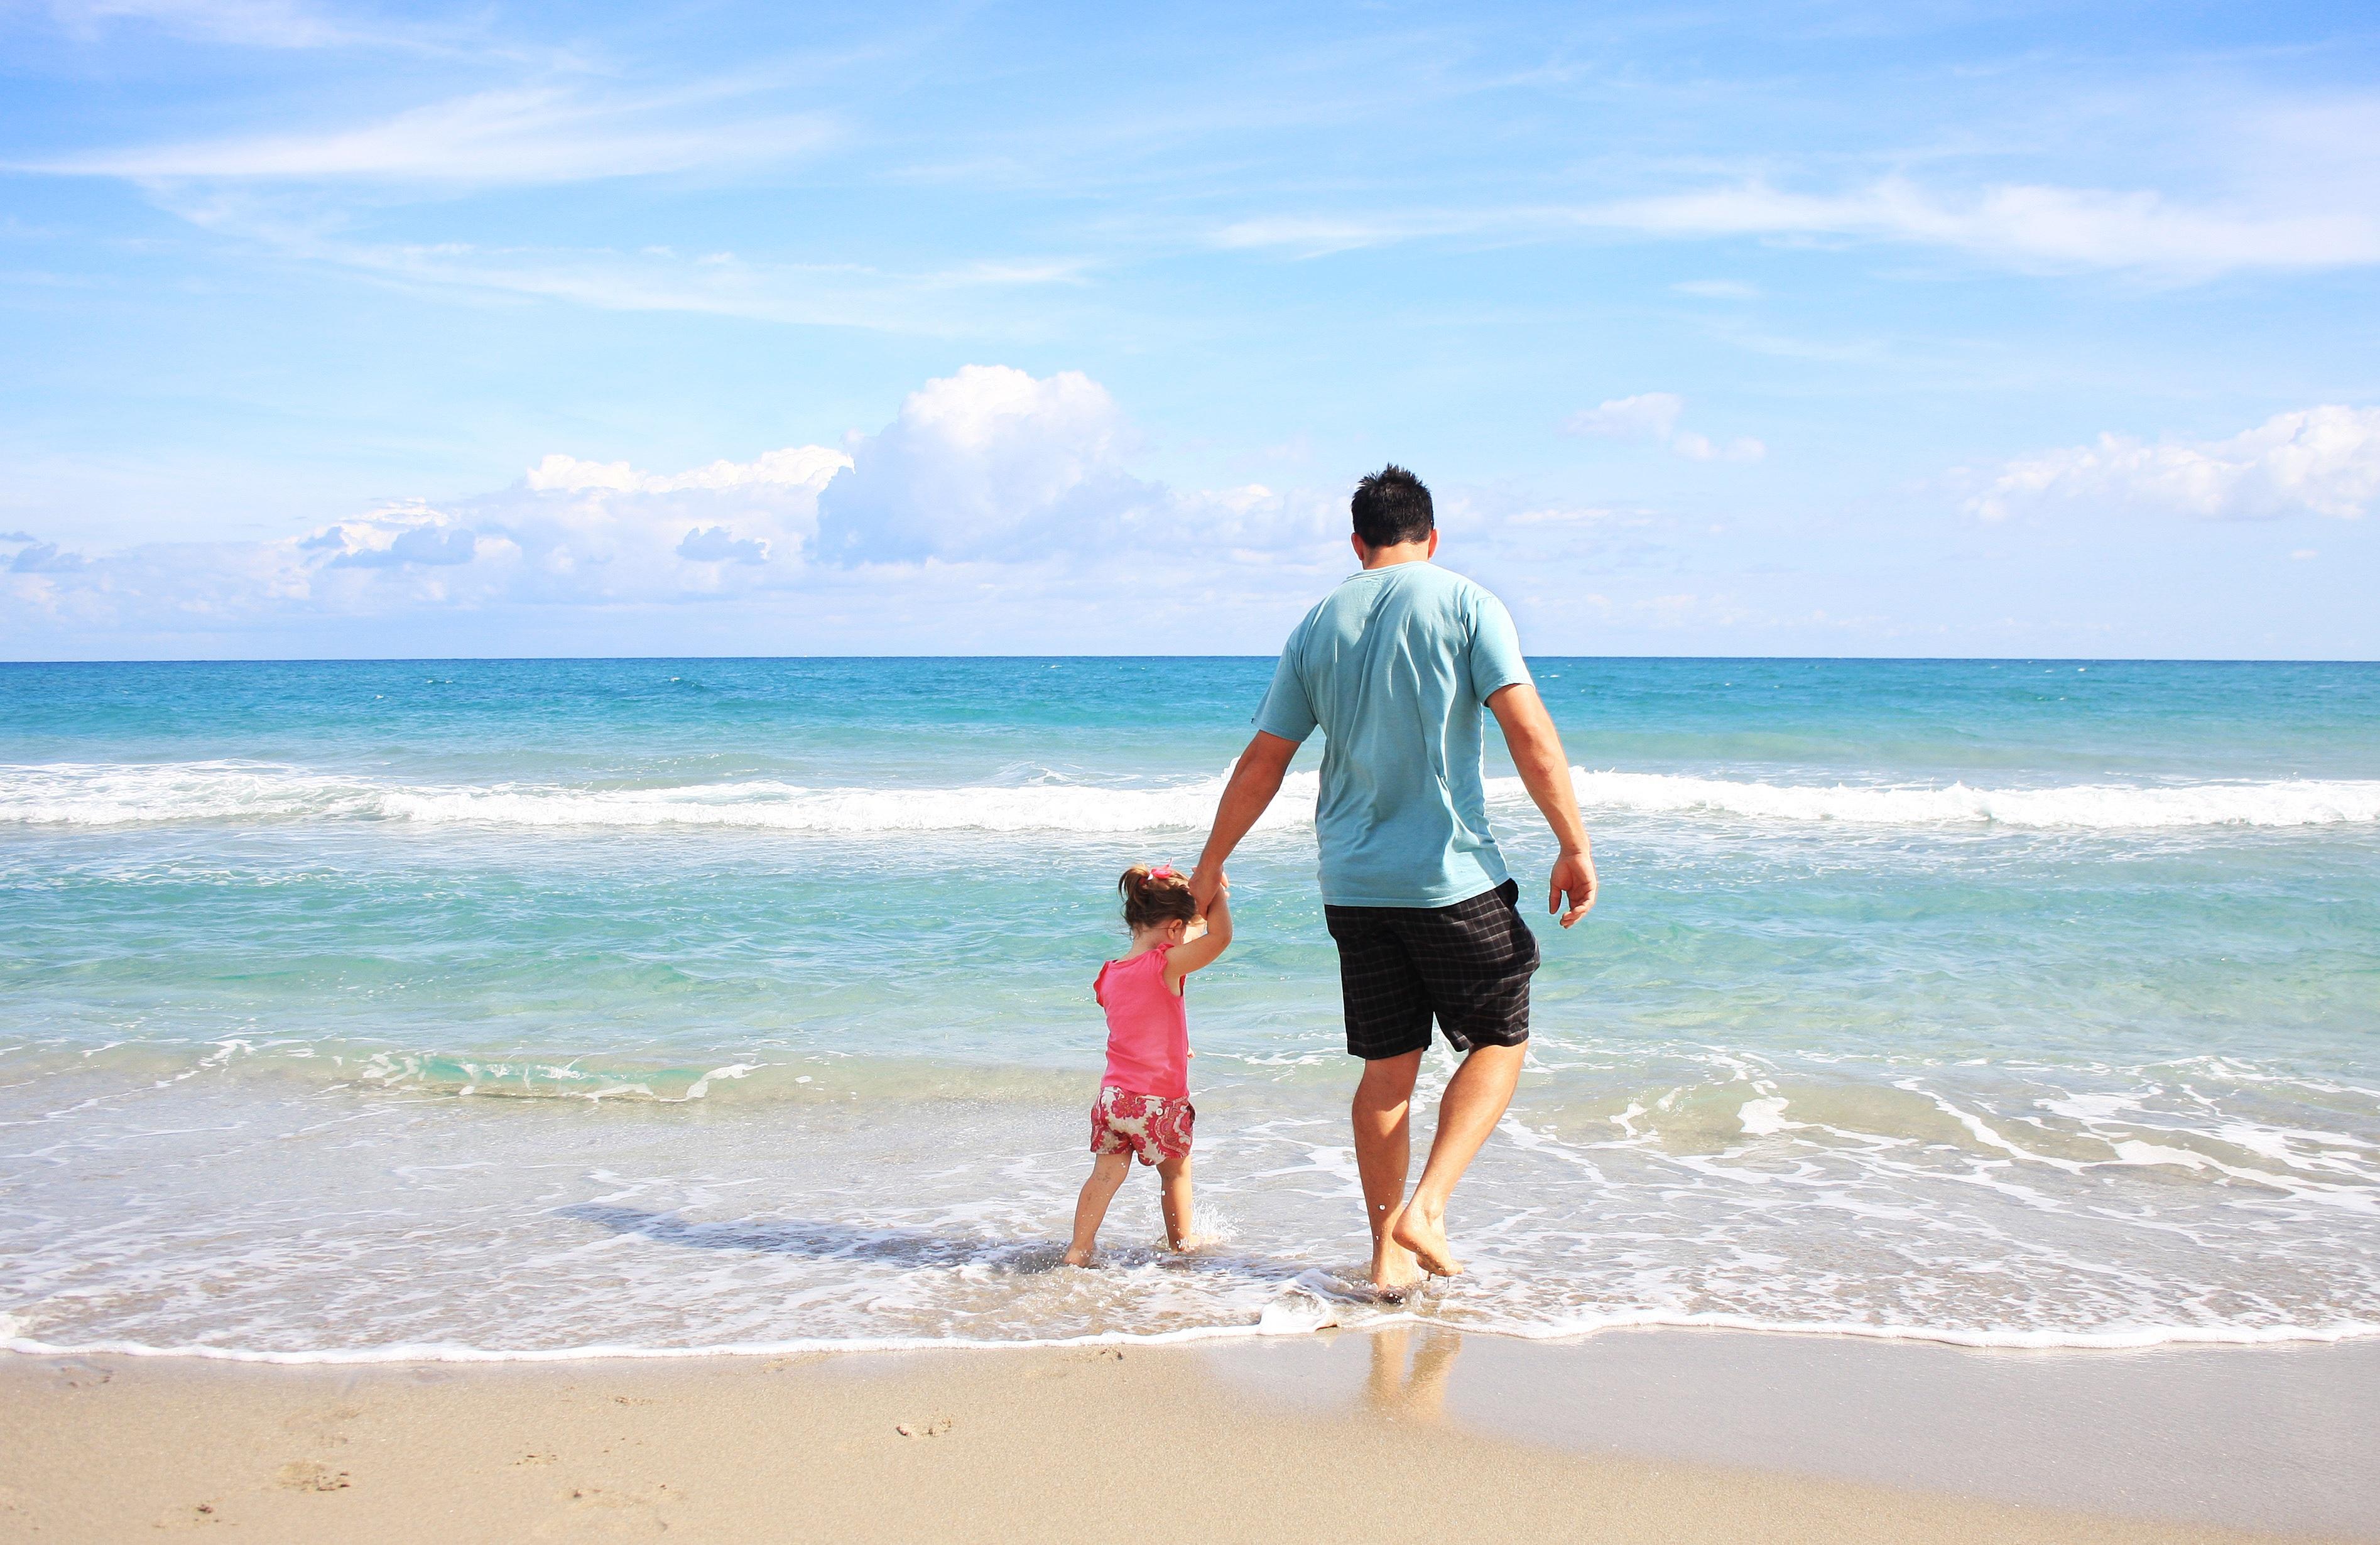 длинная непрерывная бегущая семья по берегу океана картинки паразиты